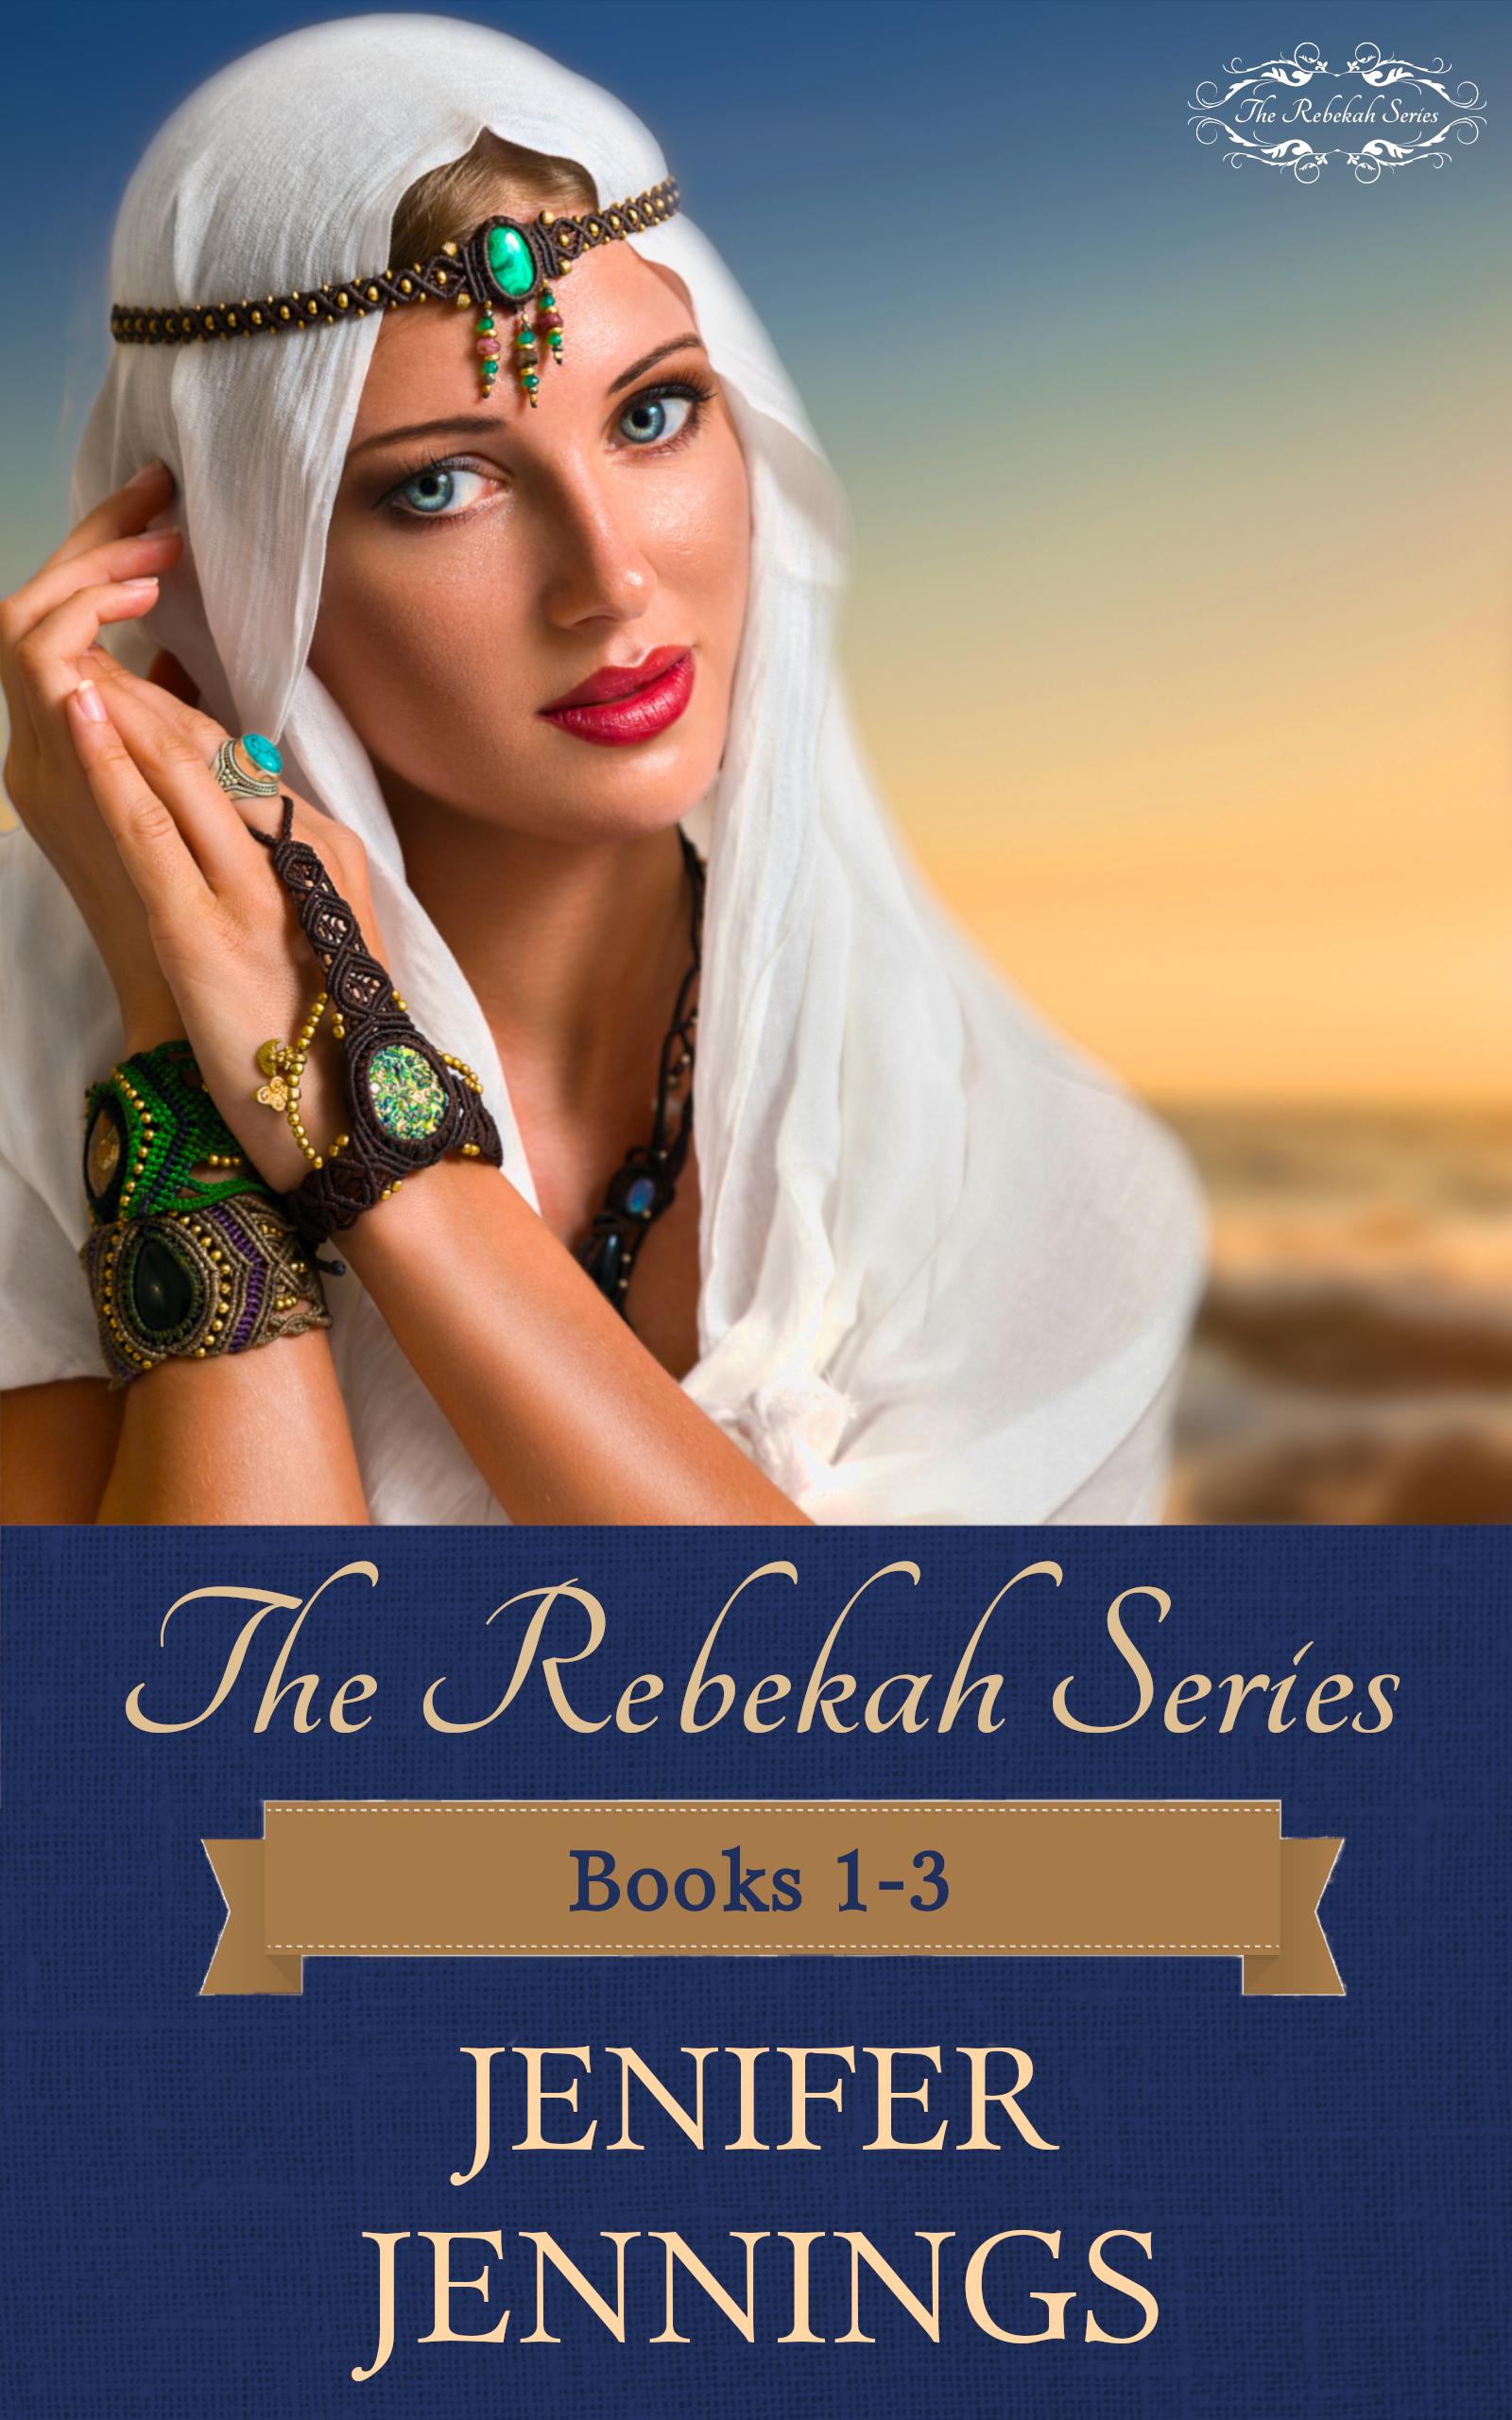 The Rebekah Series: Books 1-3